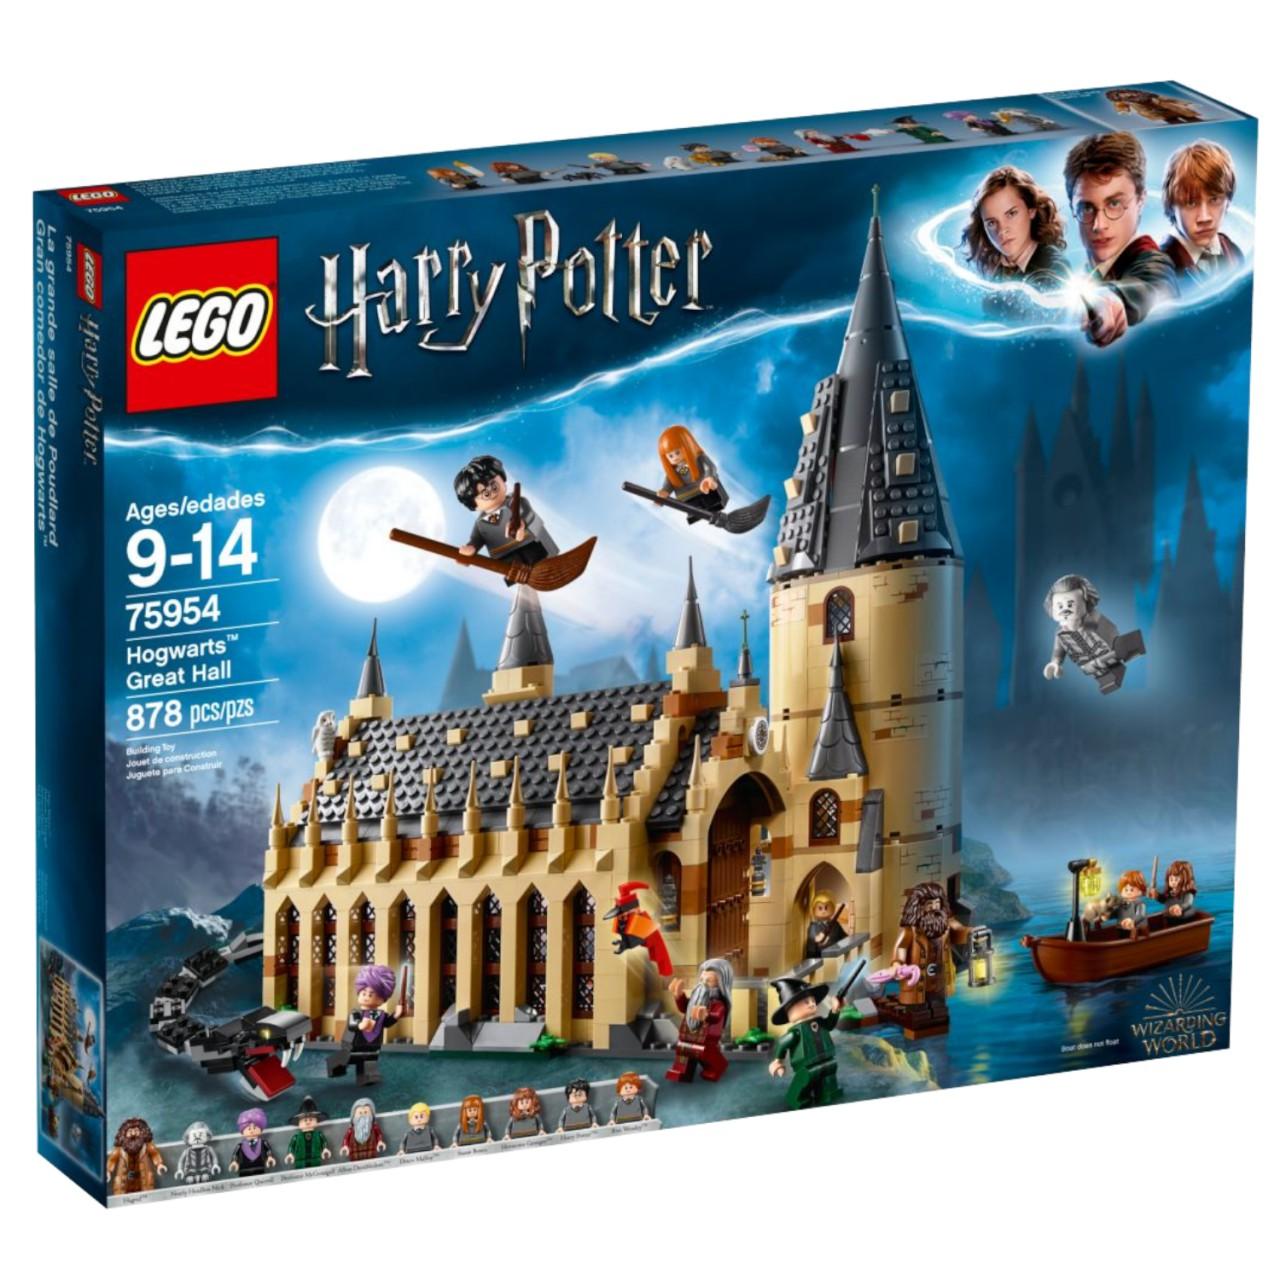 LEGO HARRY POTTER 75954 Die große Halle von Hogwarts